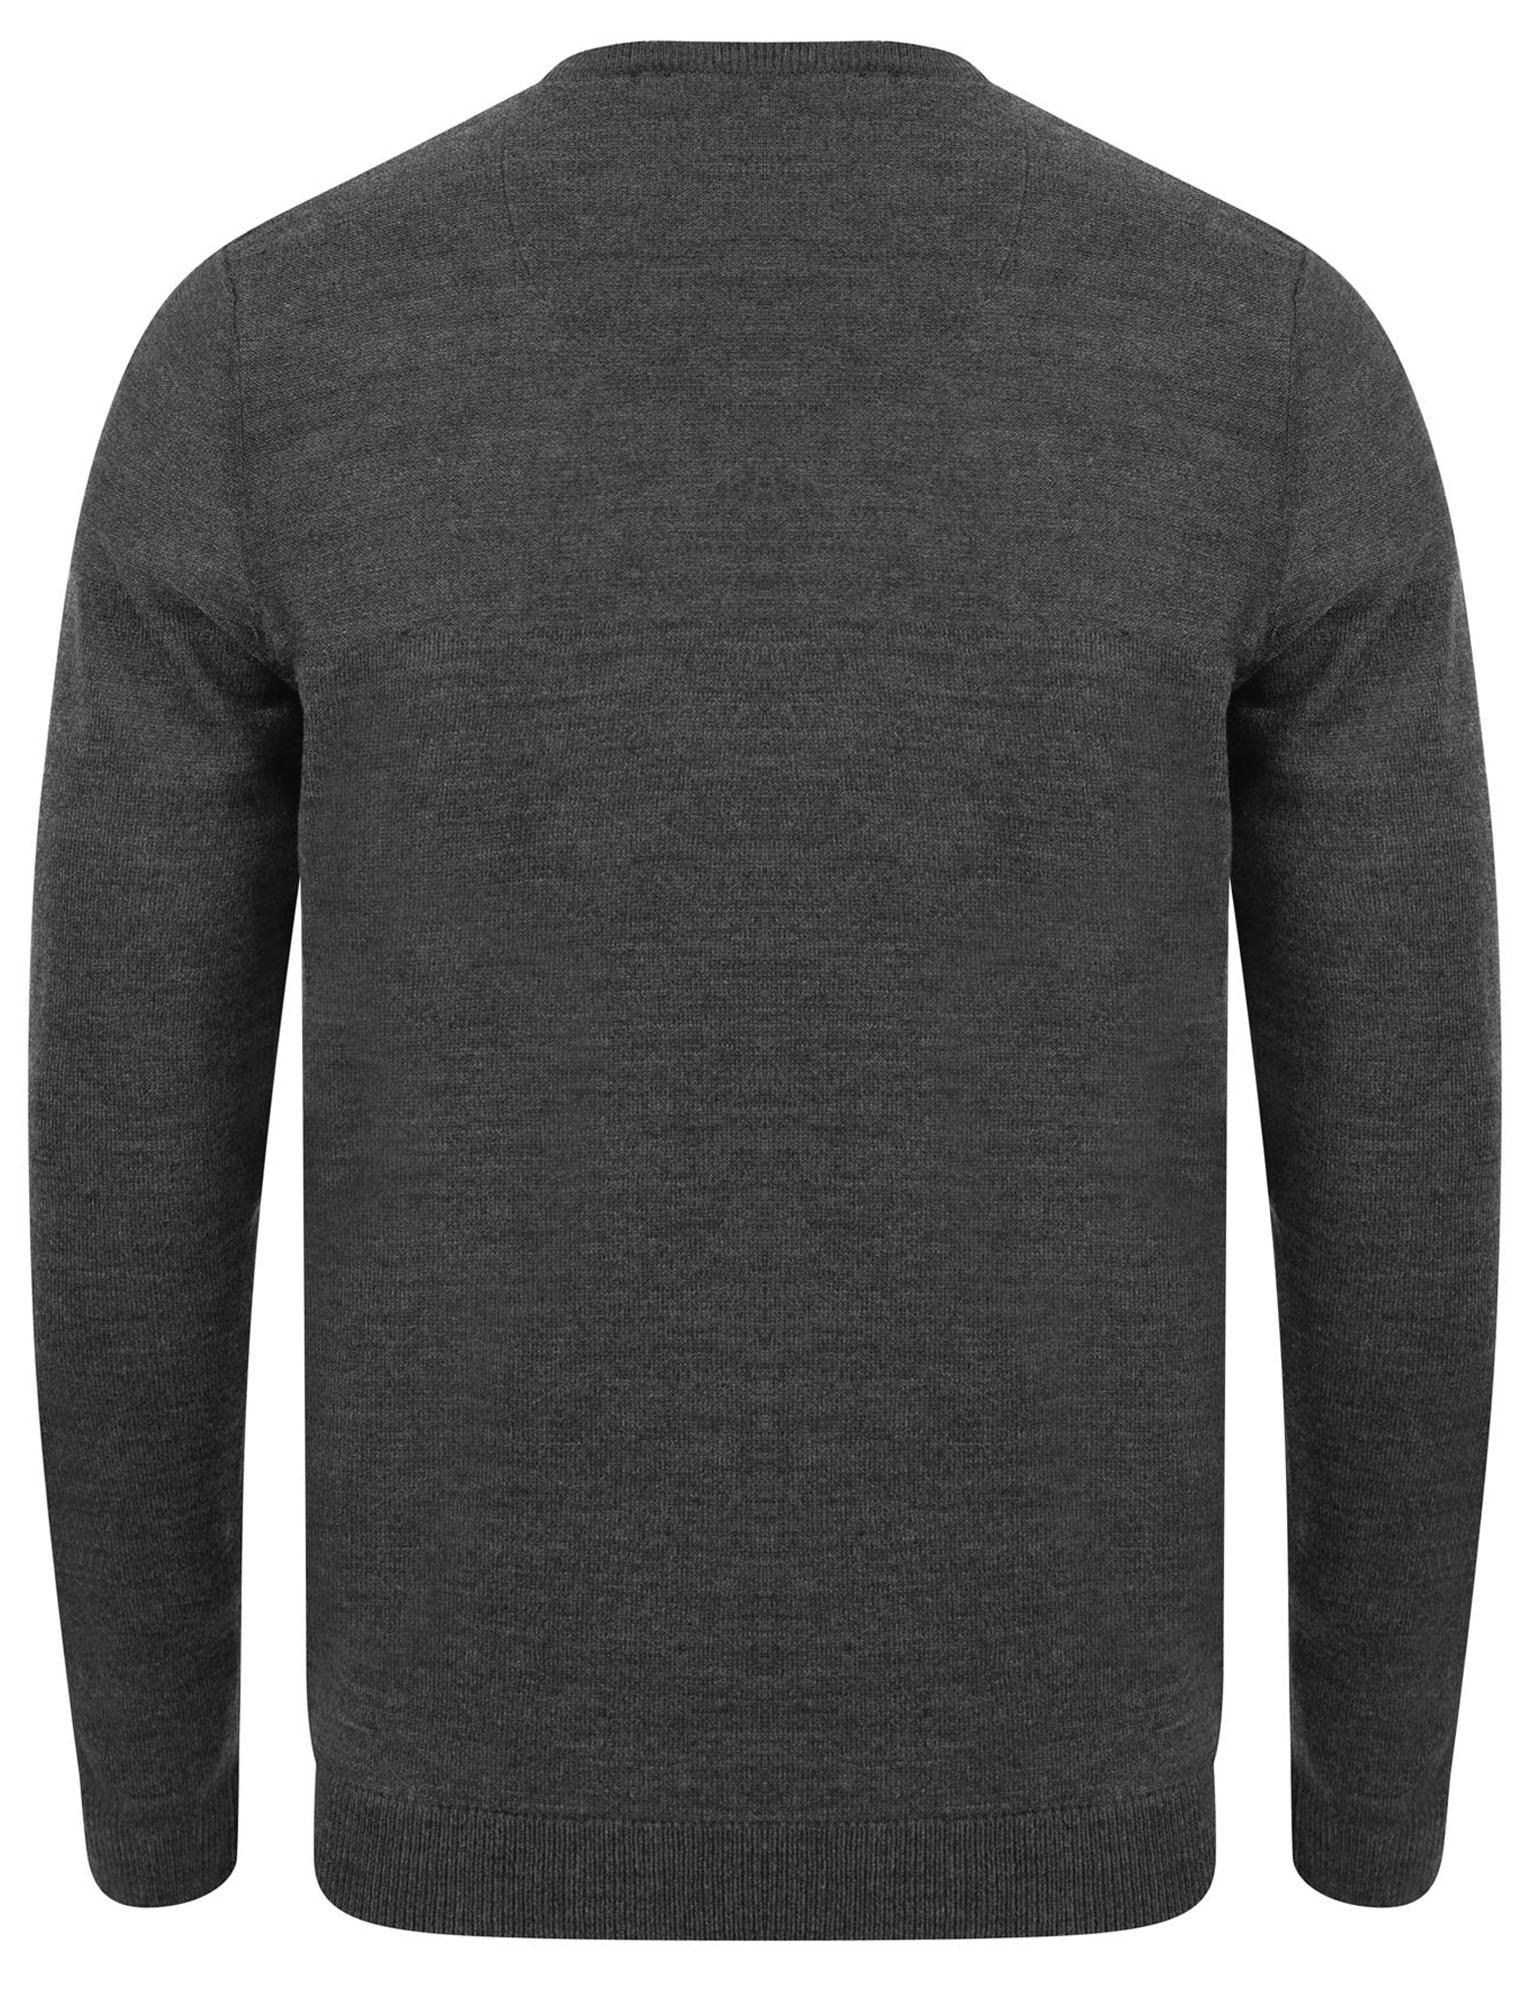 Kensington-Eastside-Men-039-s-Knitted-Crew-or-V-Neck-Jumper-Sweater-Top-Pullover thumbnail 45